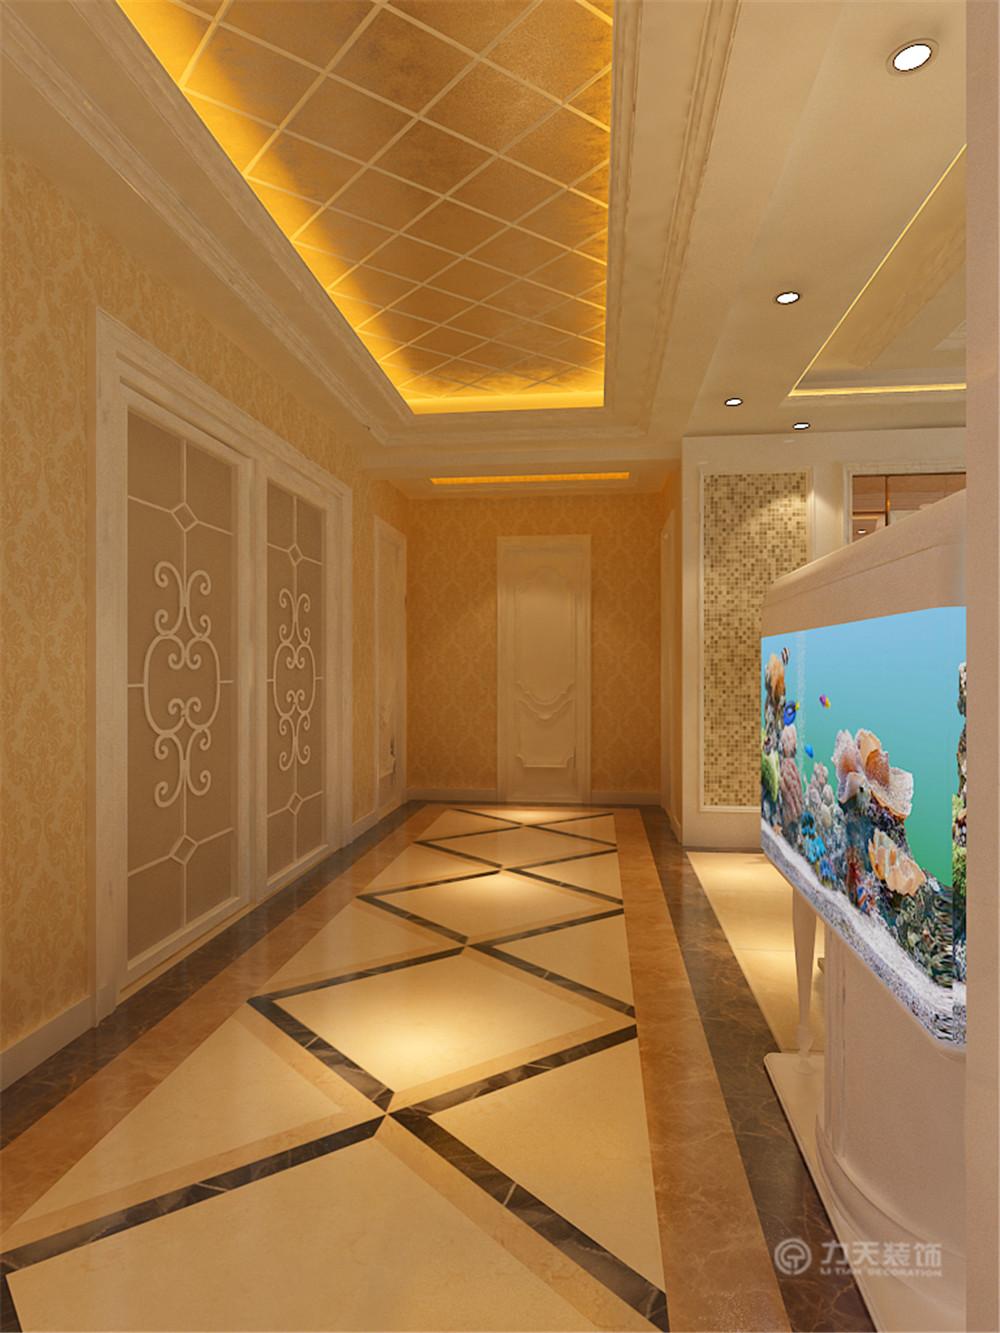 由于过道较长,在地面的设计上采用了大理石拼花的设计,加强了空间感和图片